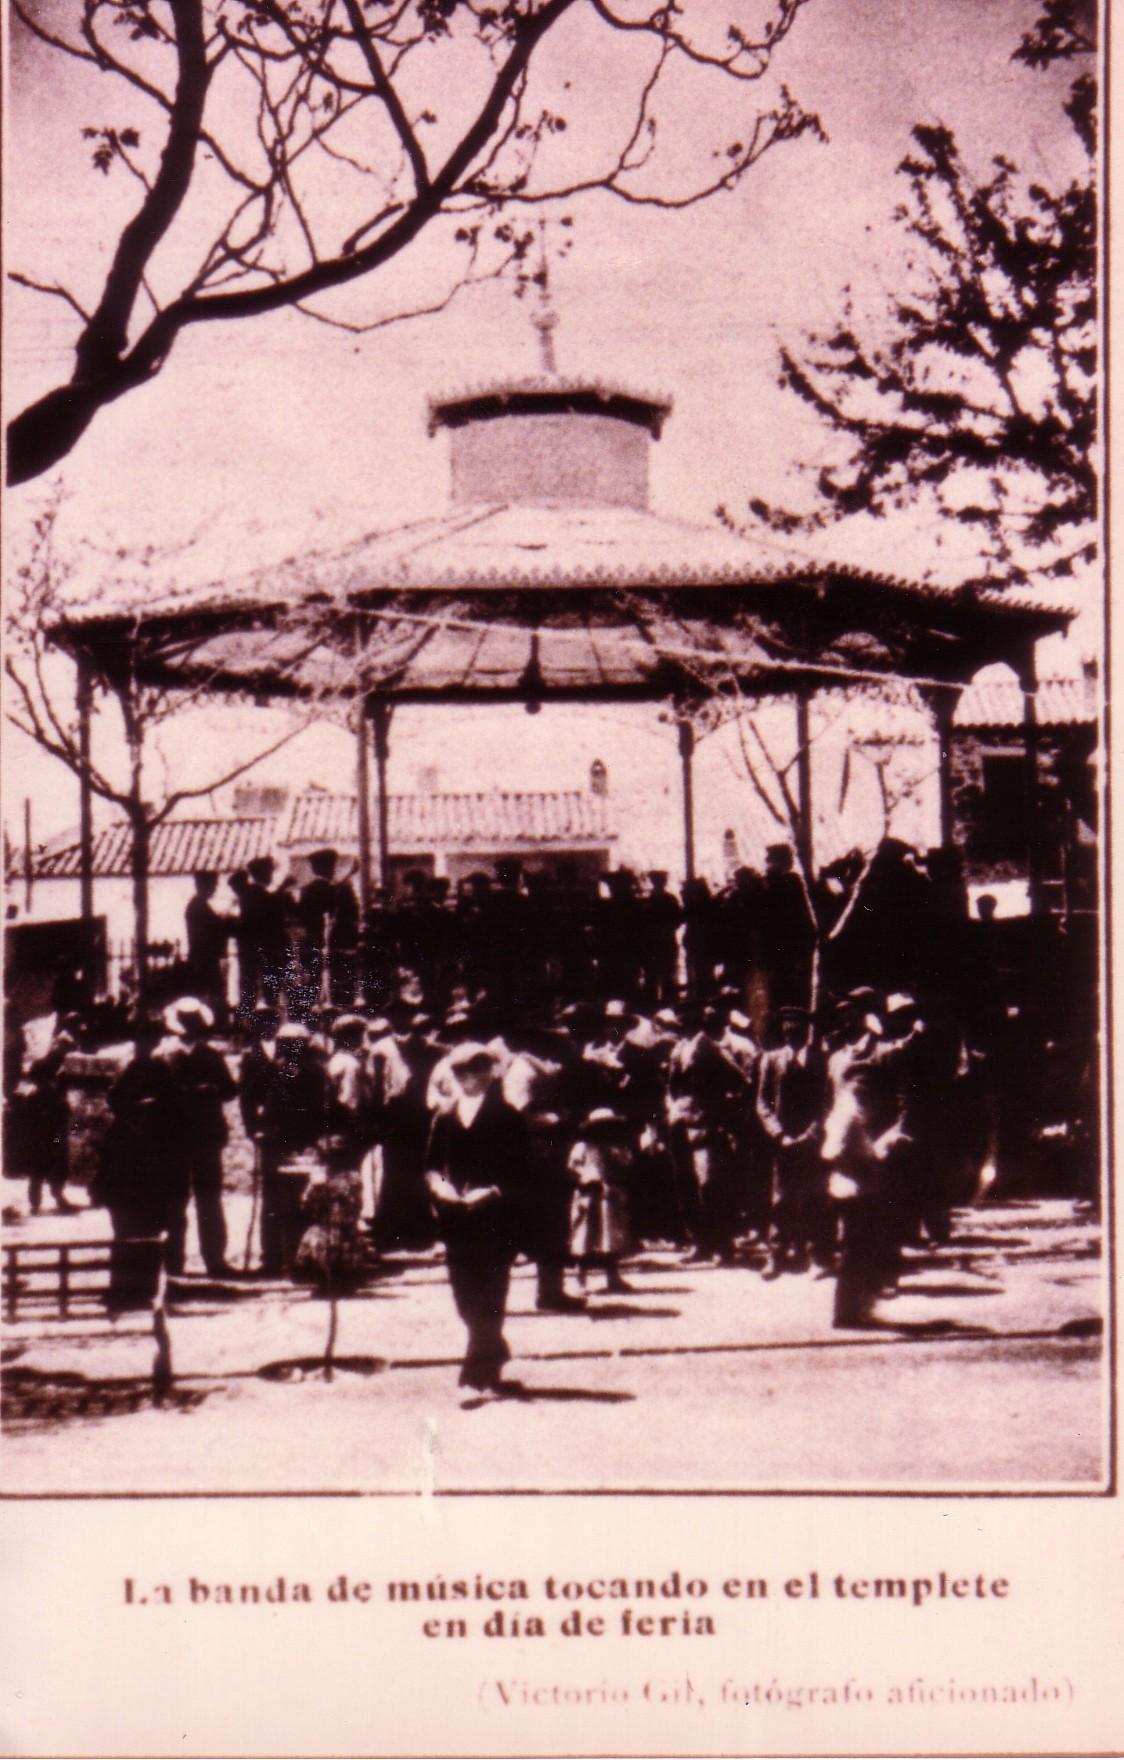 Templete Música. Años 20. Fotografía Victorio Gil. Archivo F. Negrete